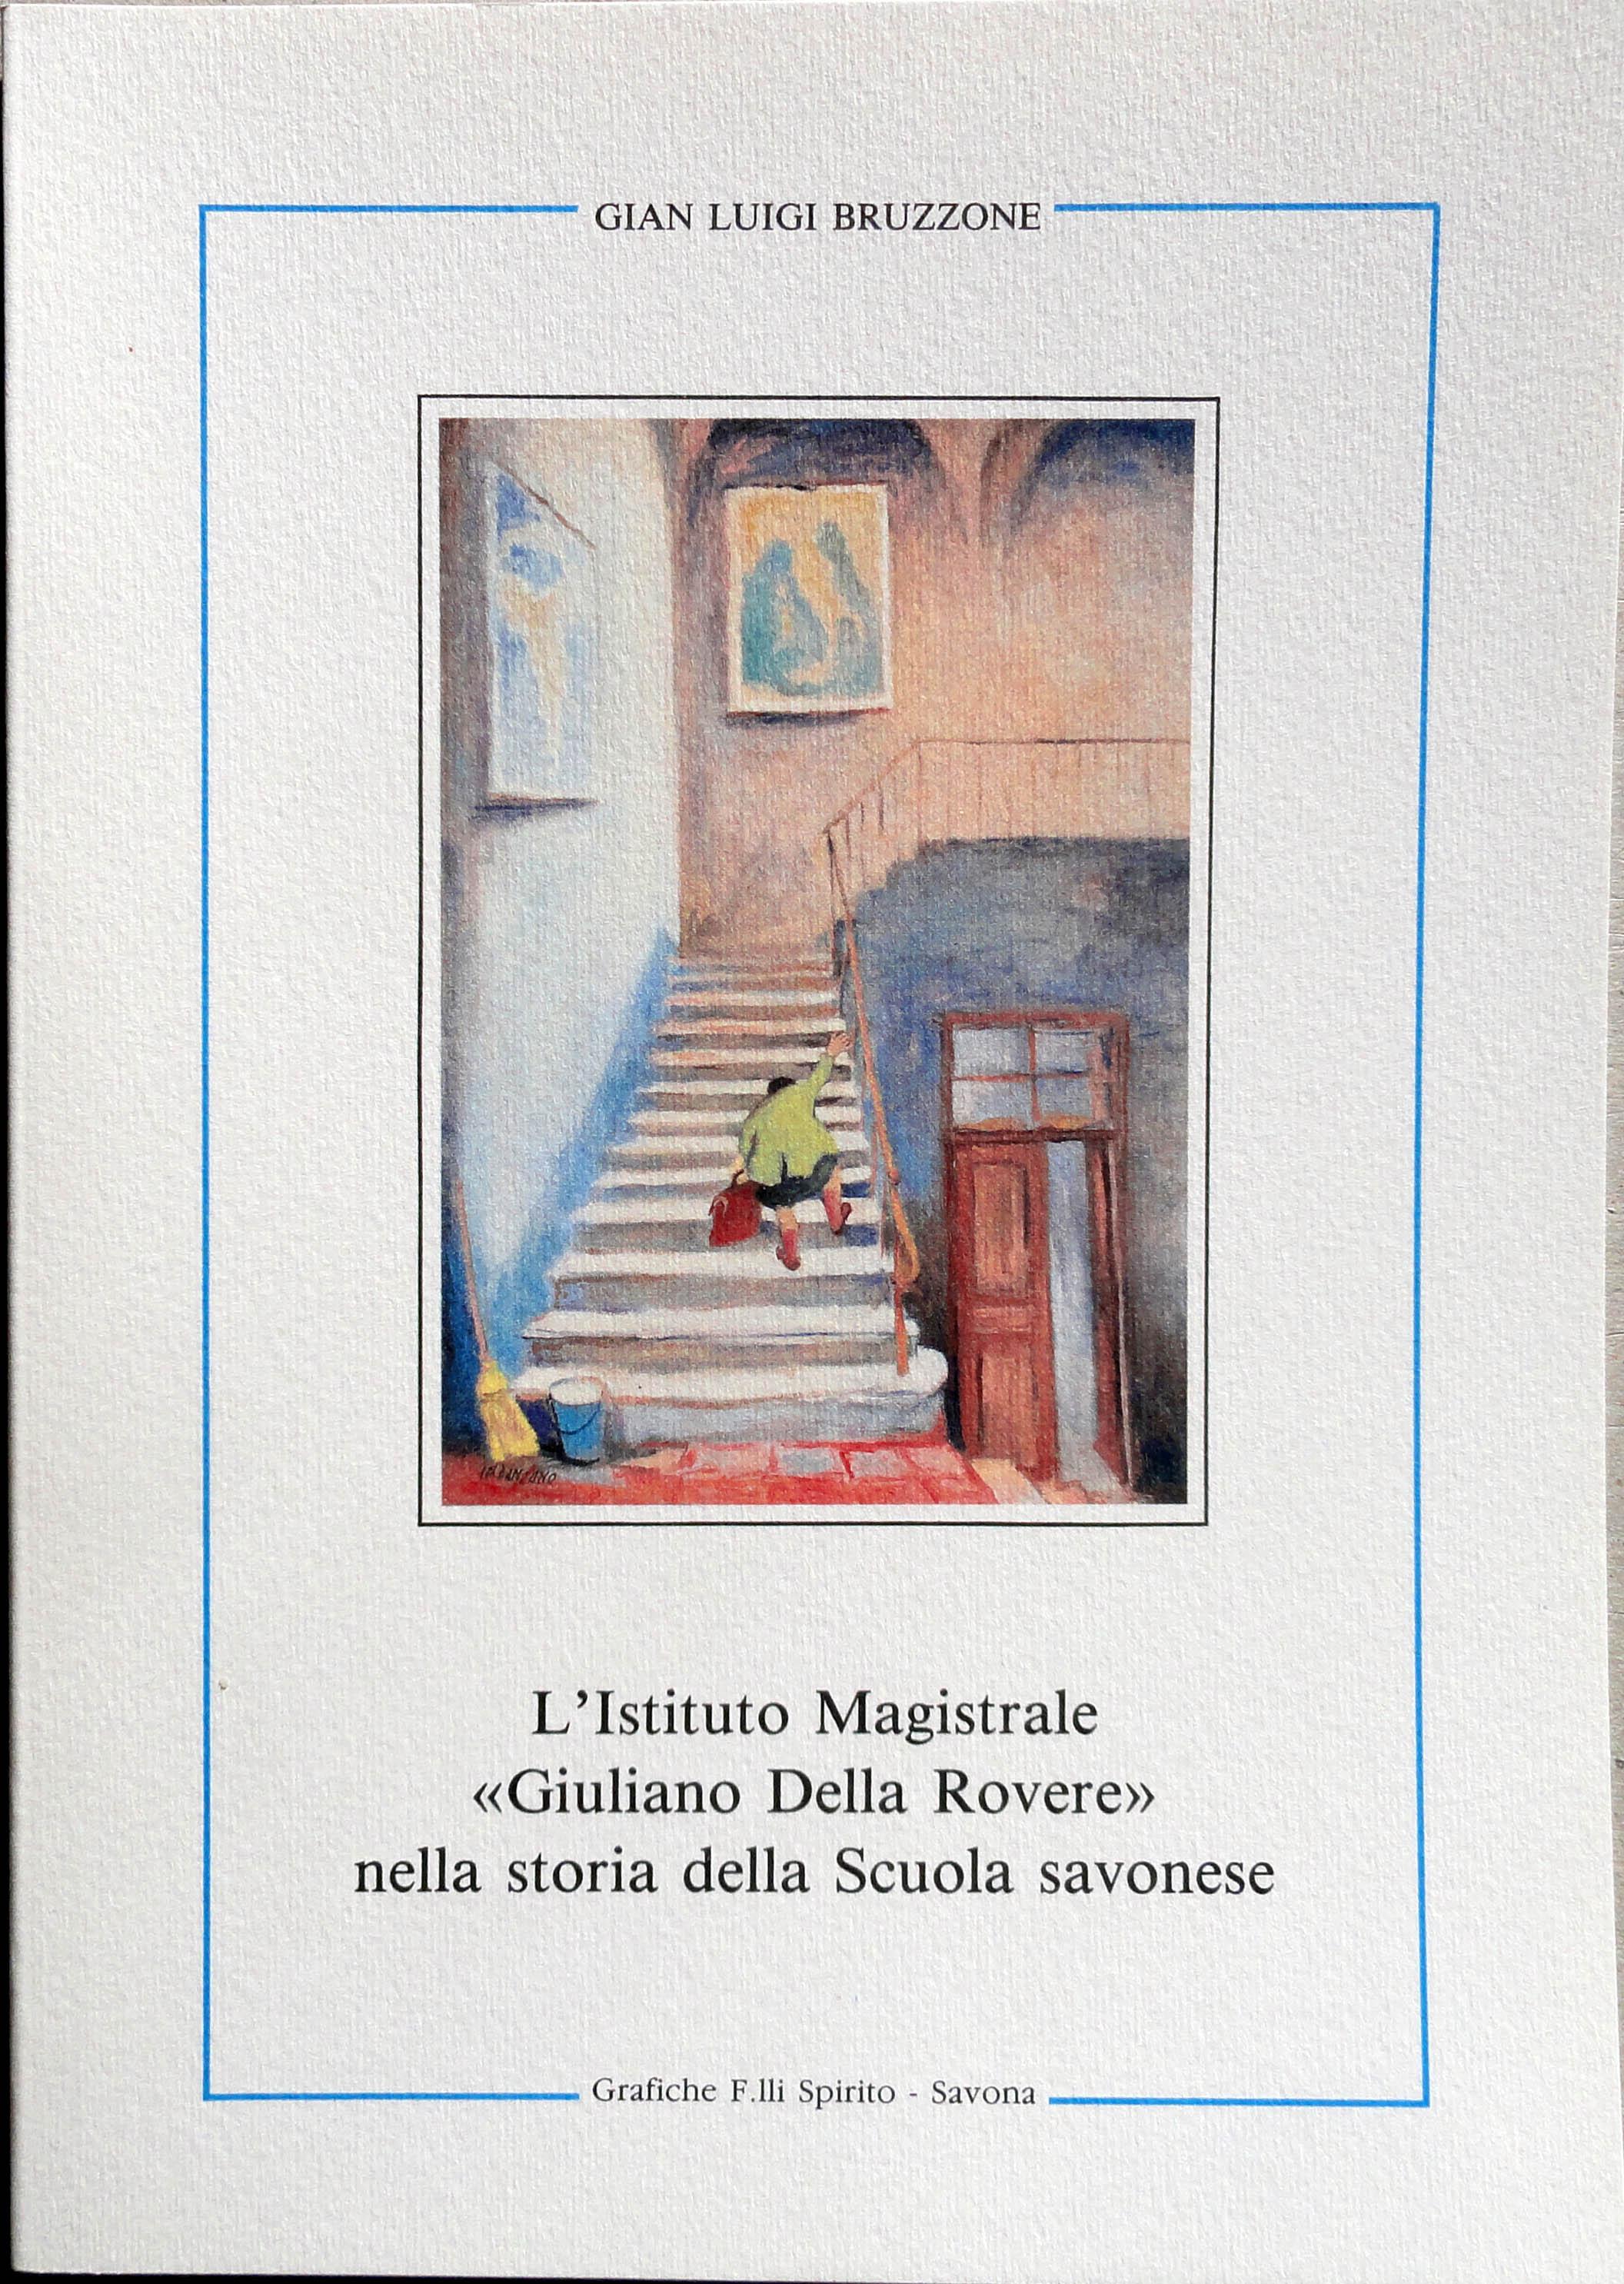 """L'Istituto Magistrale """"Giuliano Della Rovere"""" nella storia della Scuola savonese"""